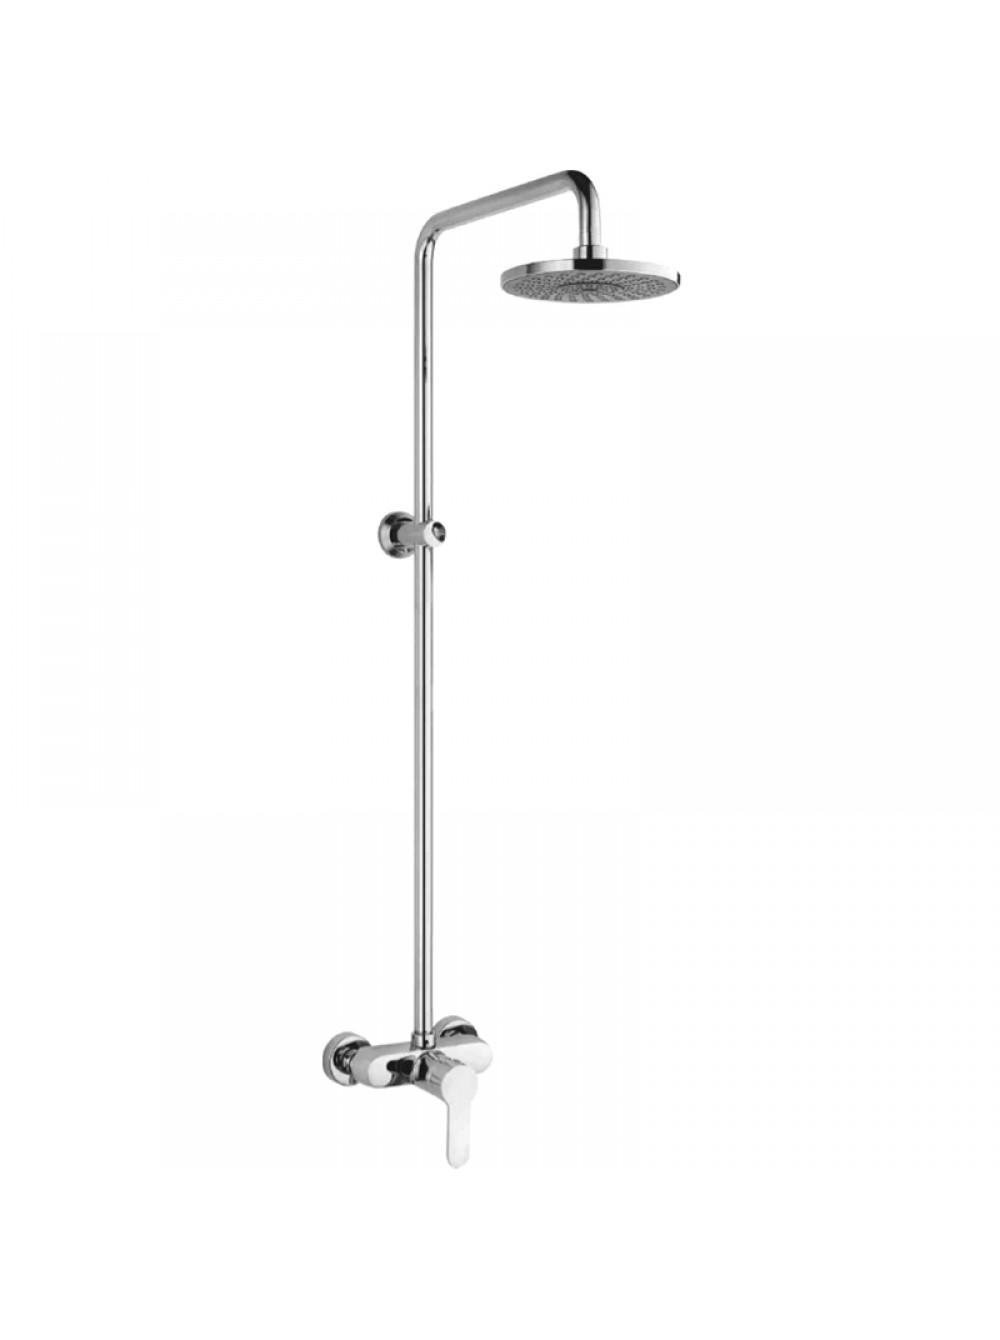 Душевая система Ledeme L2409-1, тропический душ, штанга, смеситель без излива